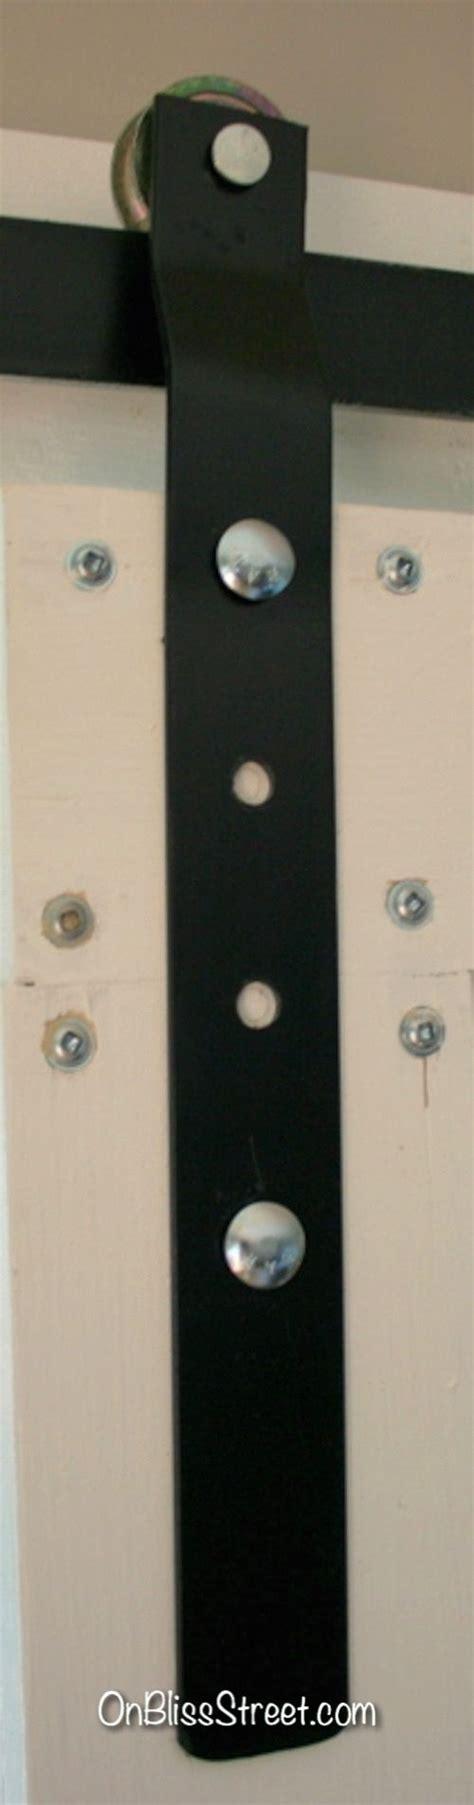 Cheap Diy Barn Door Hardware 25 Best Ideas About Cheap Barn Door Hardware On Cheap Barn Doors Diy Barn Door